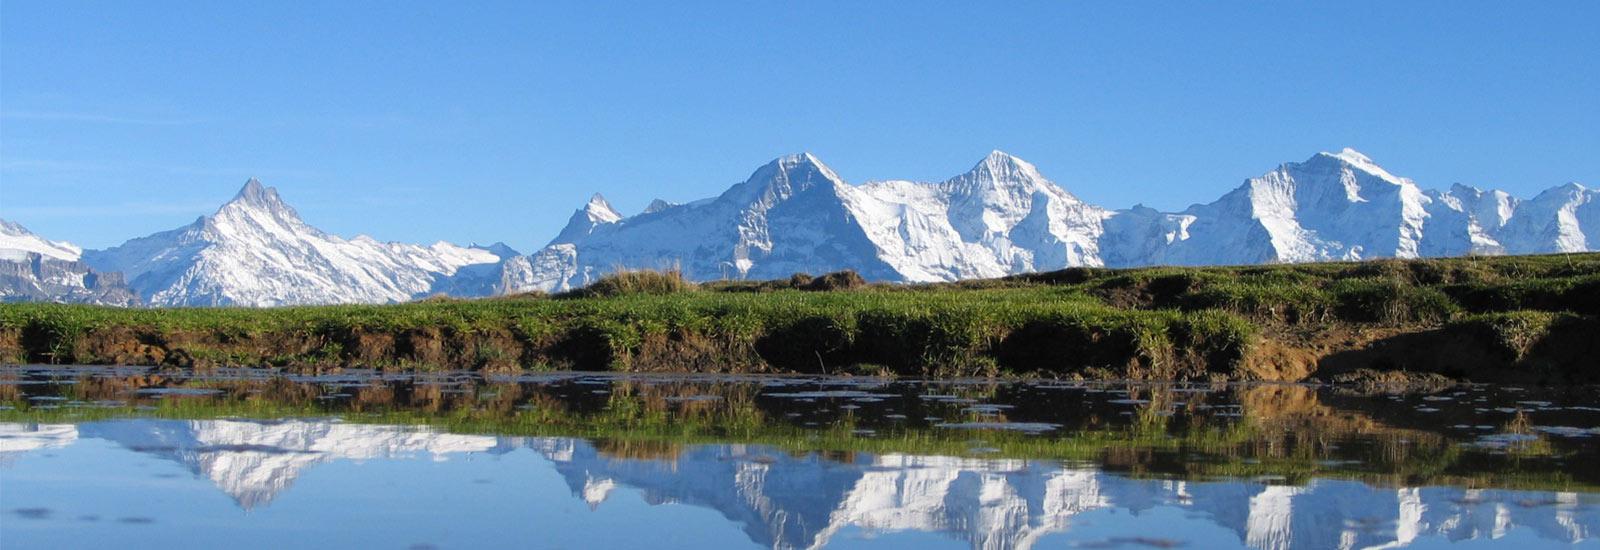 Panorama Pur im Berner Oberland